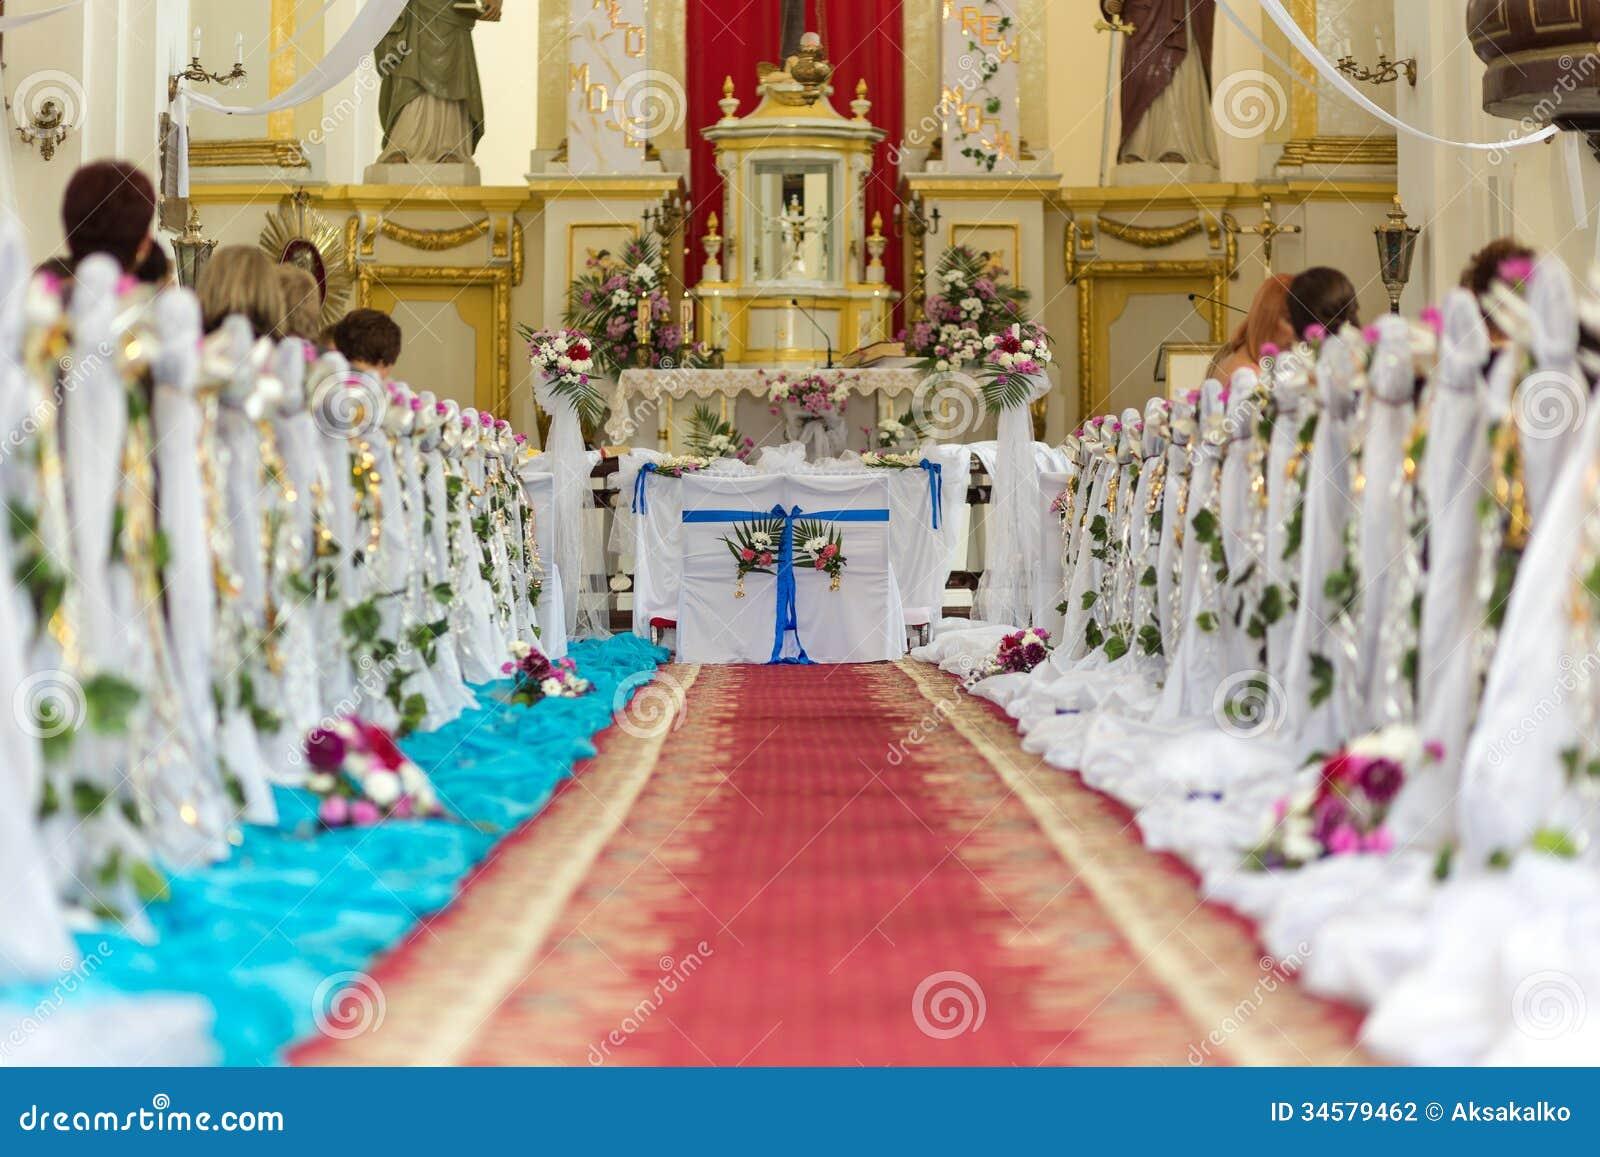 Kyrkan är klar för bröllopceremonin